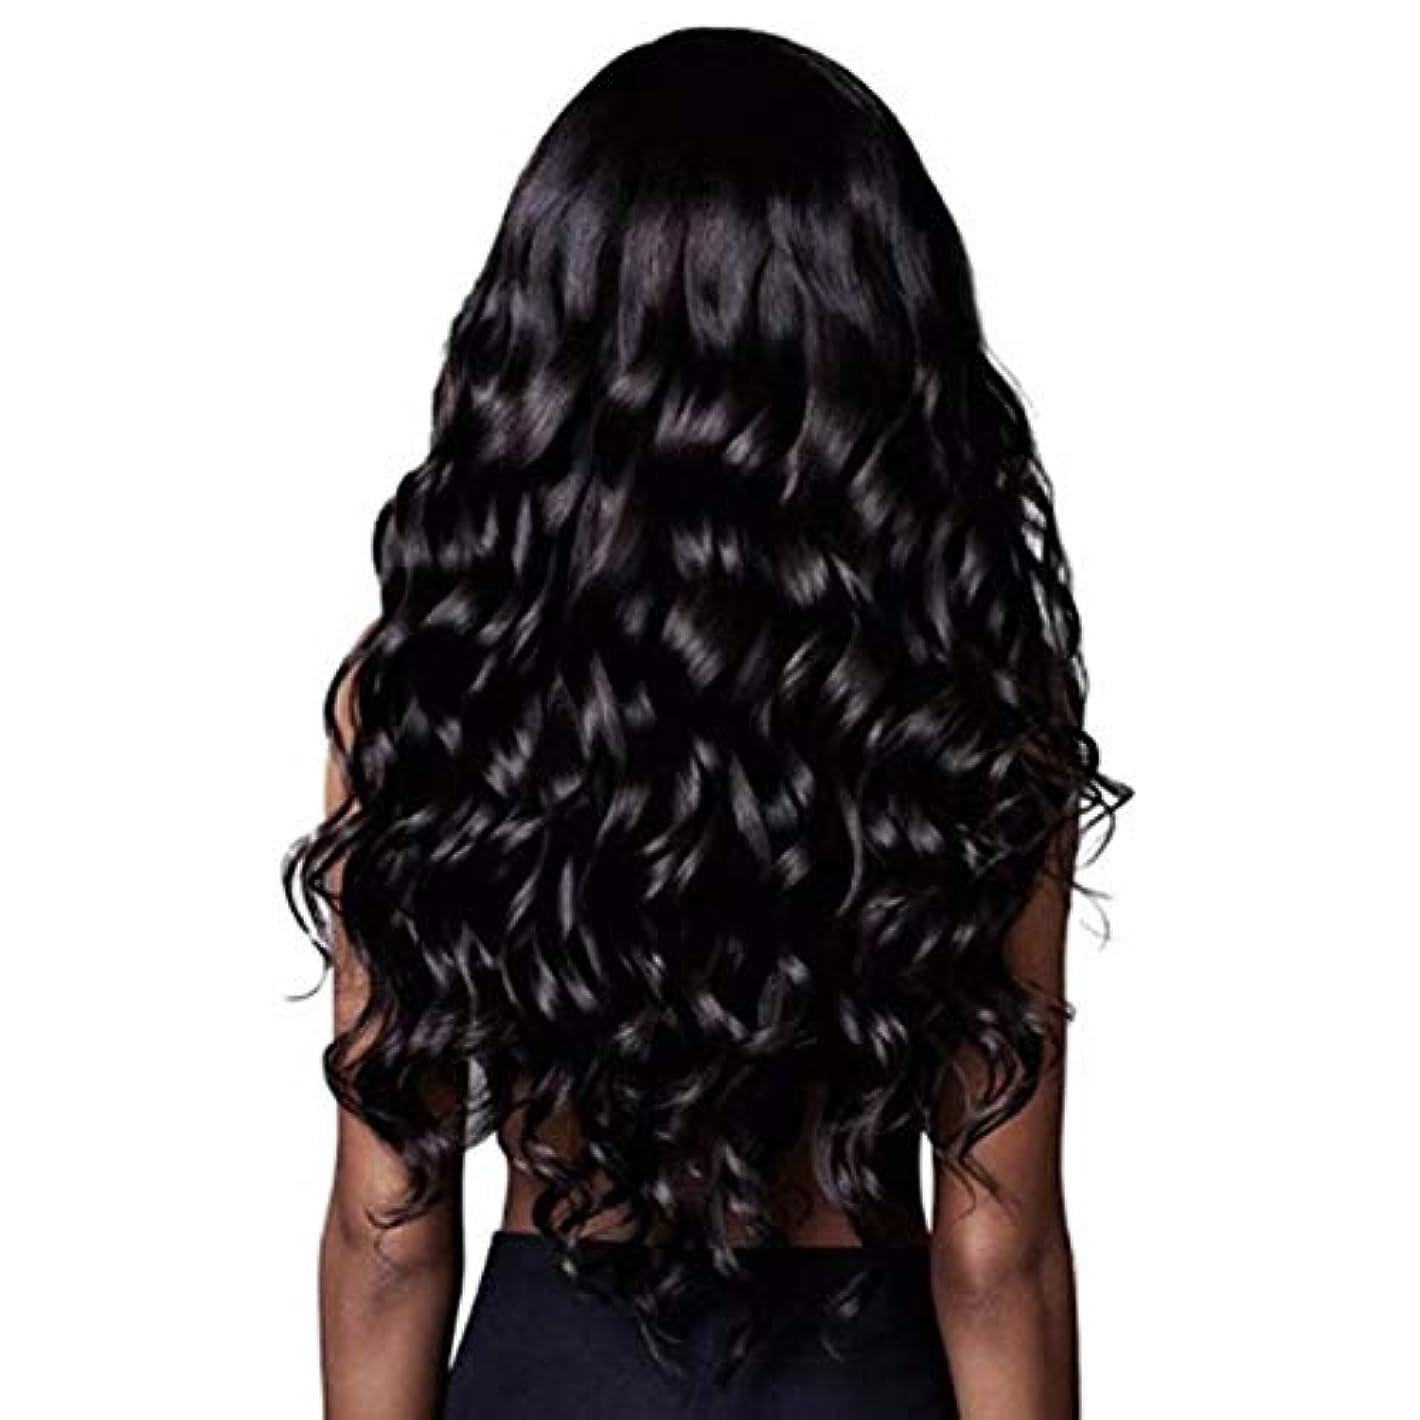 コーラスメトリック酸化するKerwinner 長い巻き毛のかつら自然な探している長い波状の右側面別れなしレースの交換用のかつらフルダークブラウン合成かつら